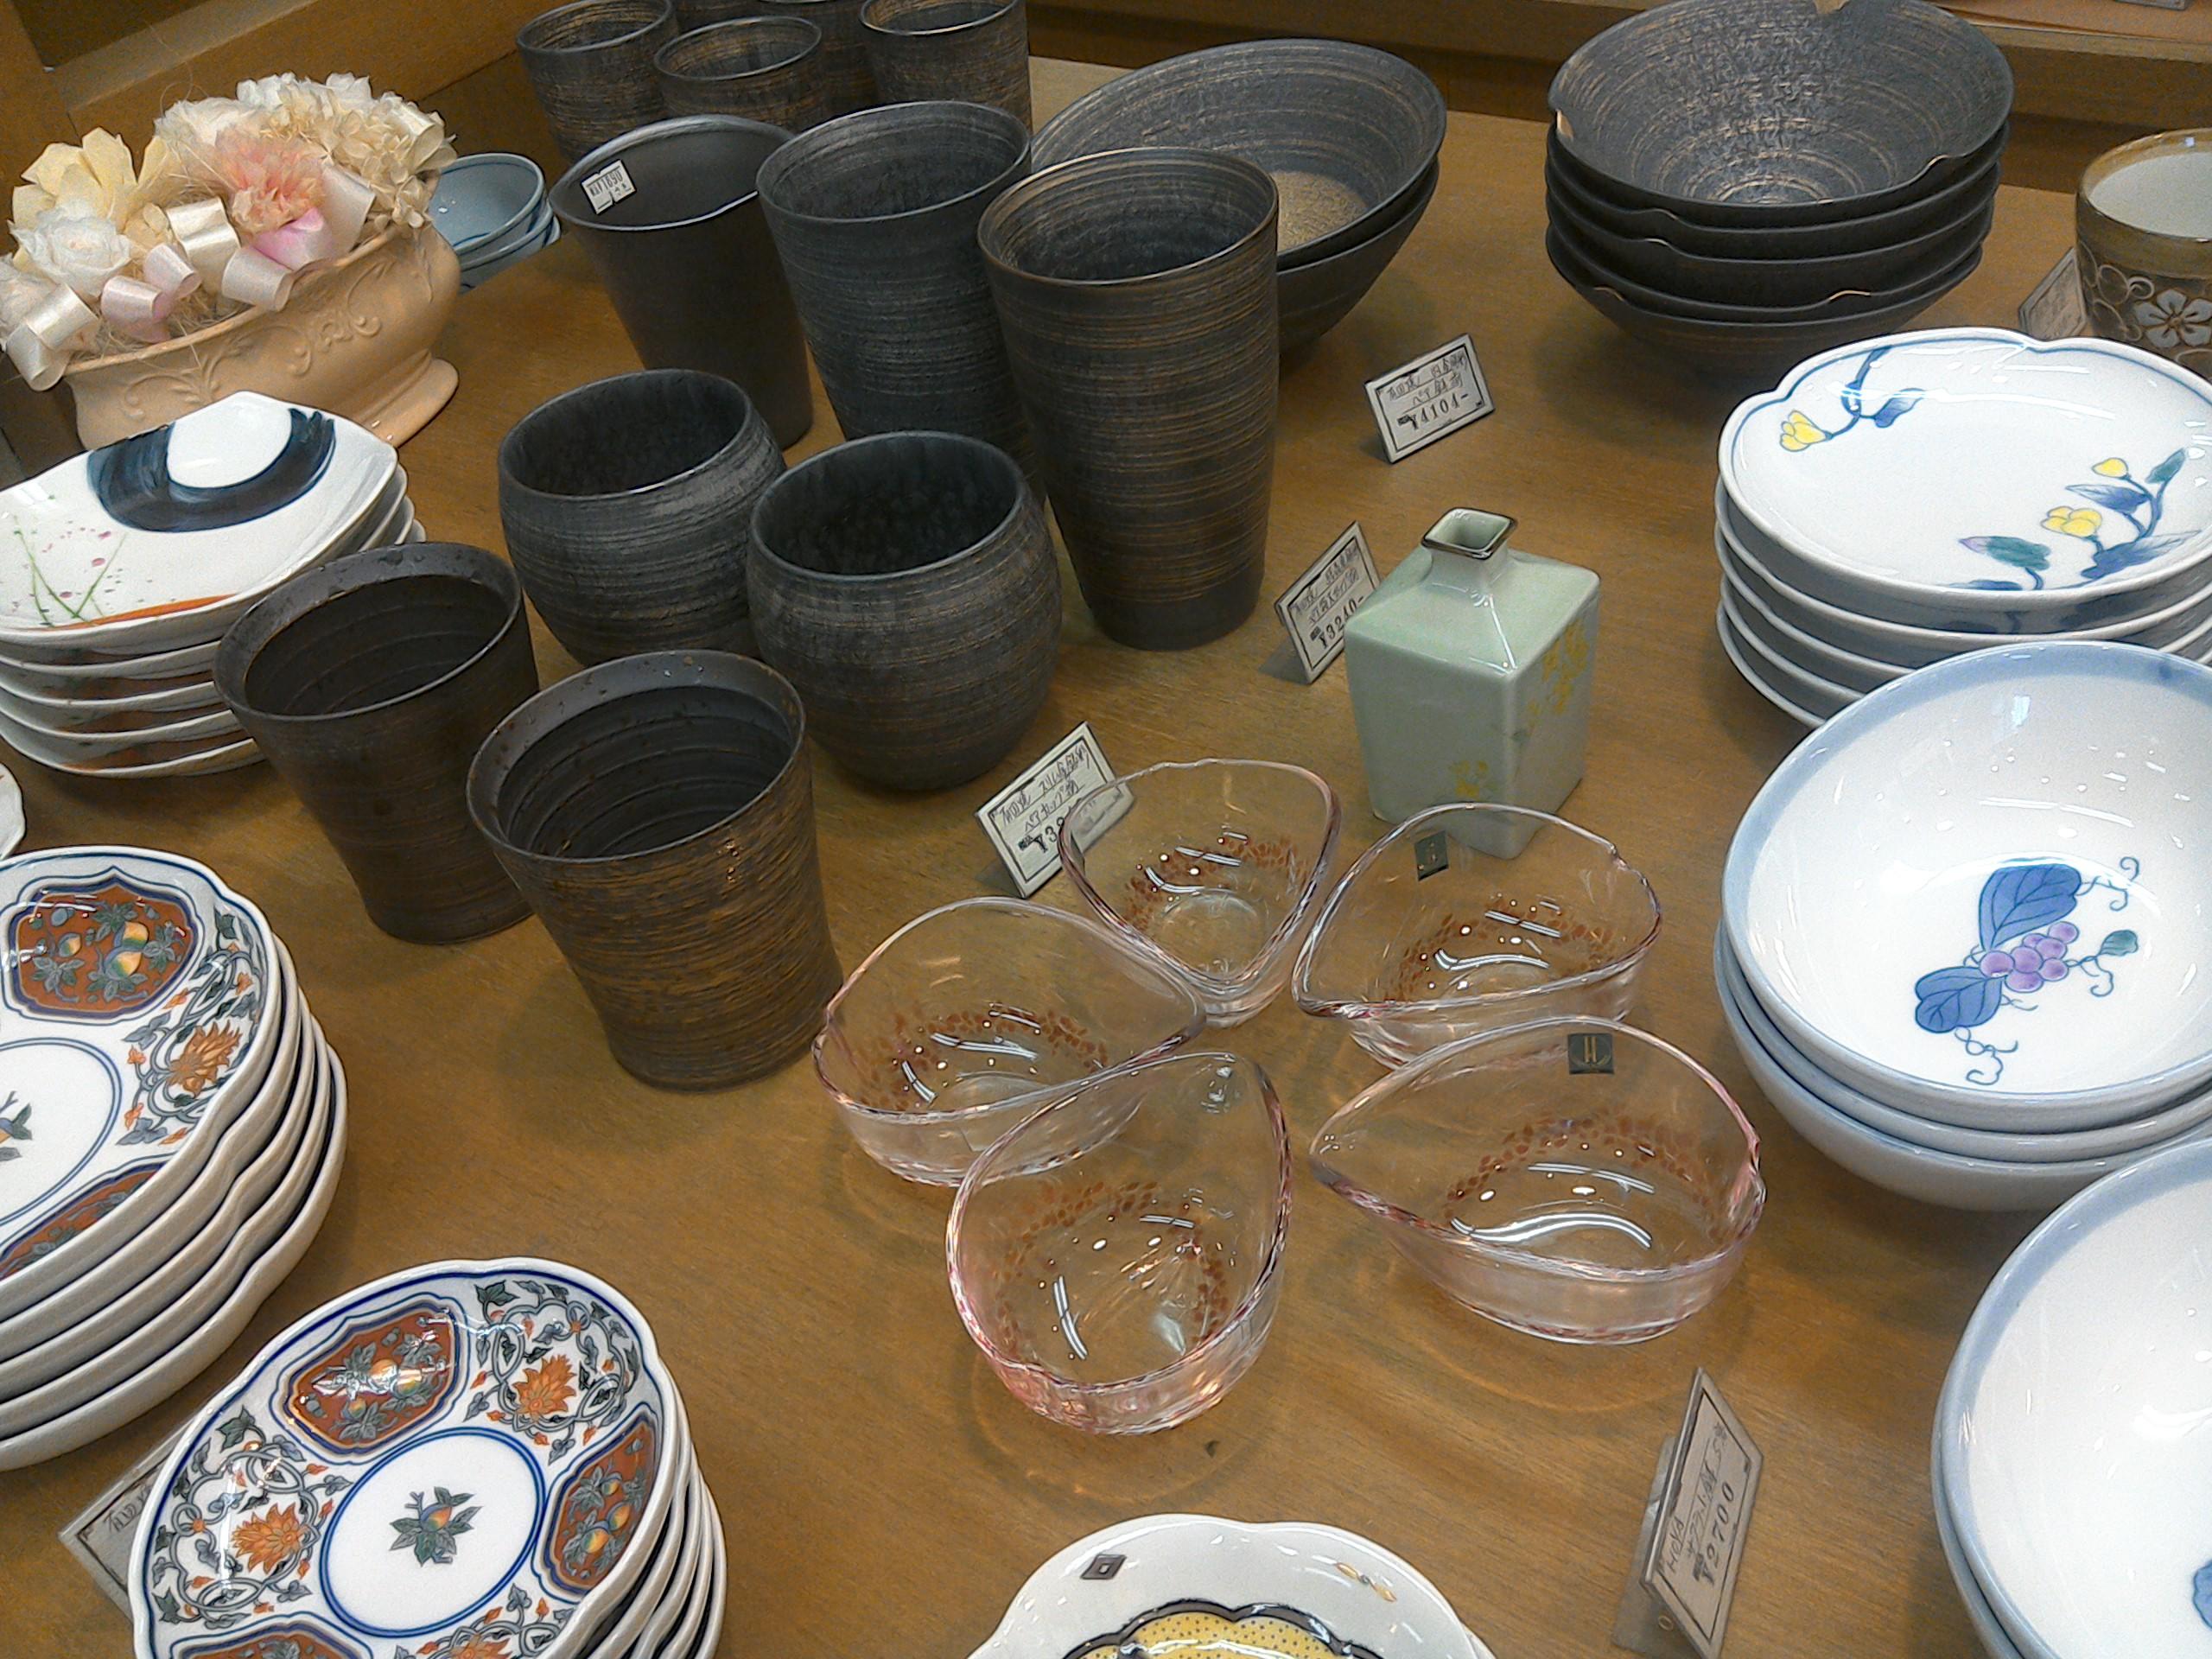 色々な食器で食卓に彩りを添えてはいかがでしょうか?